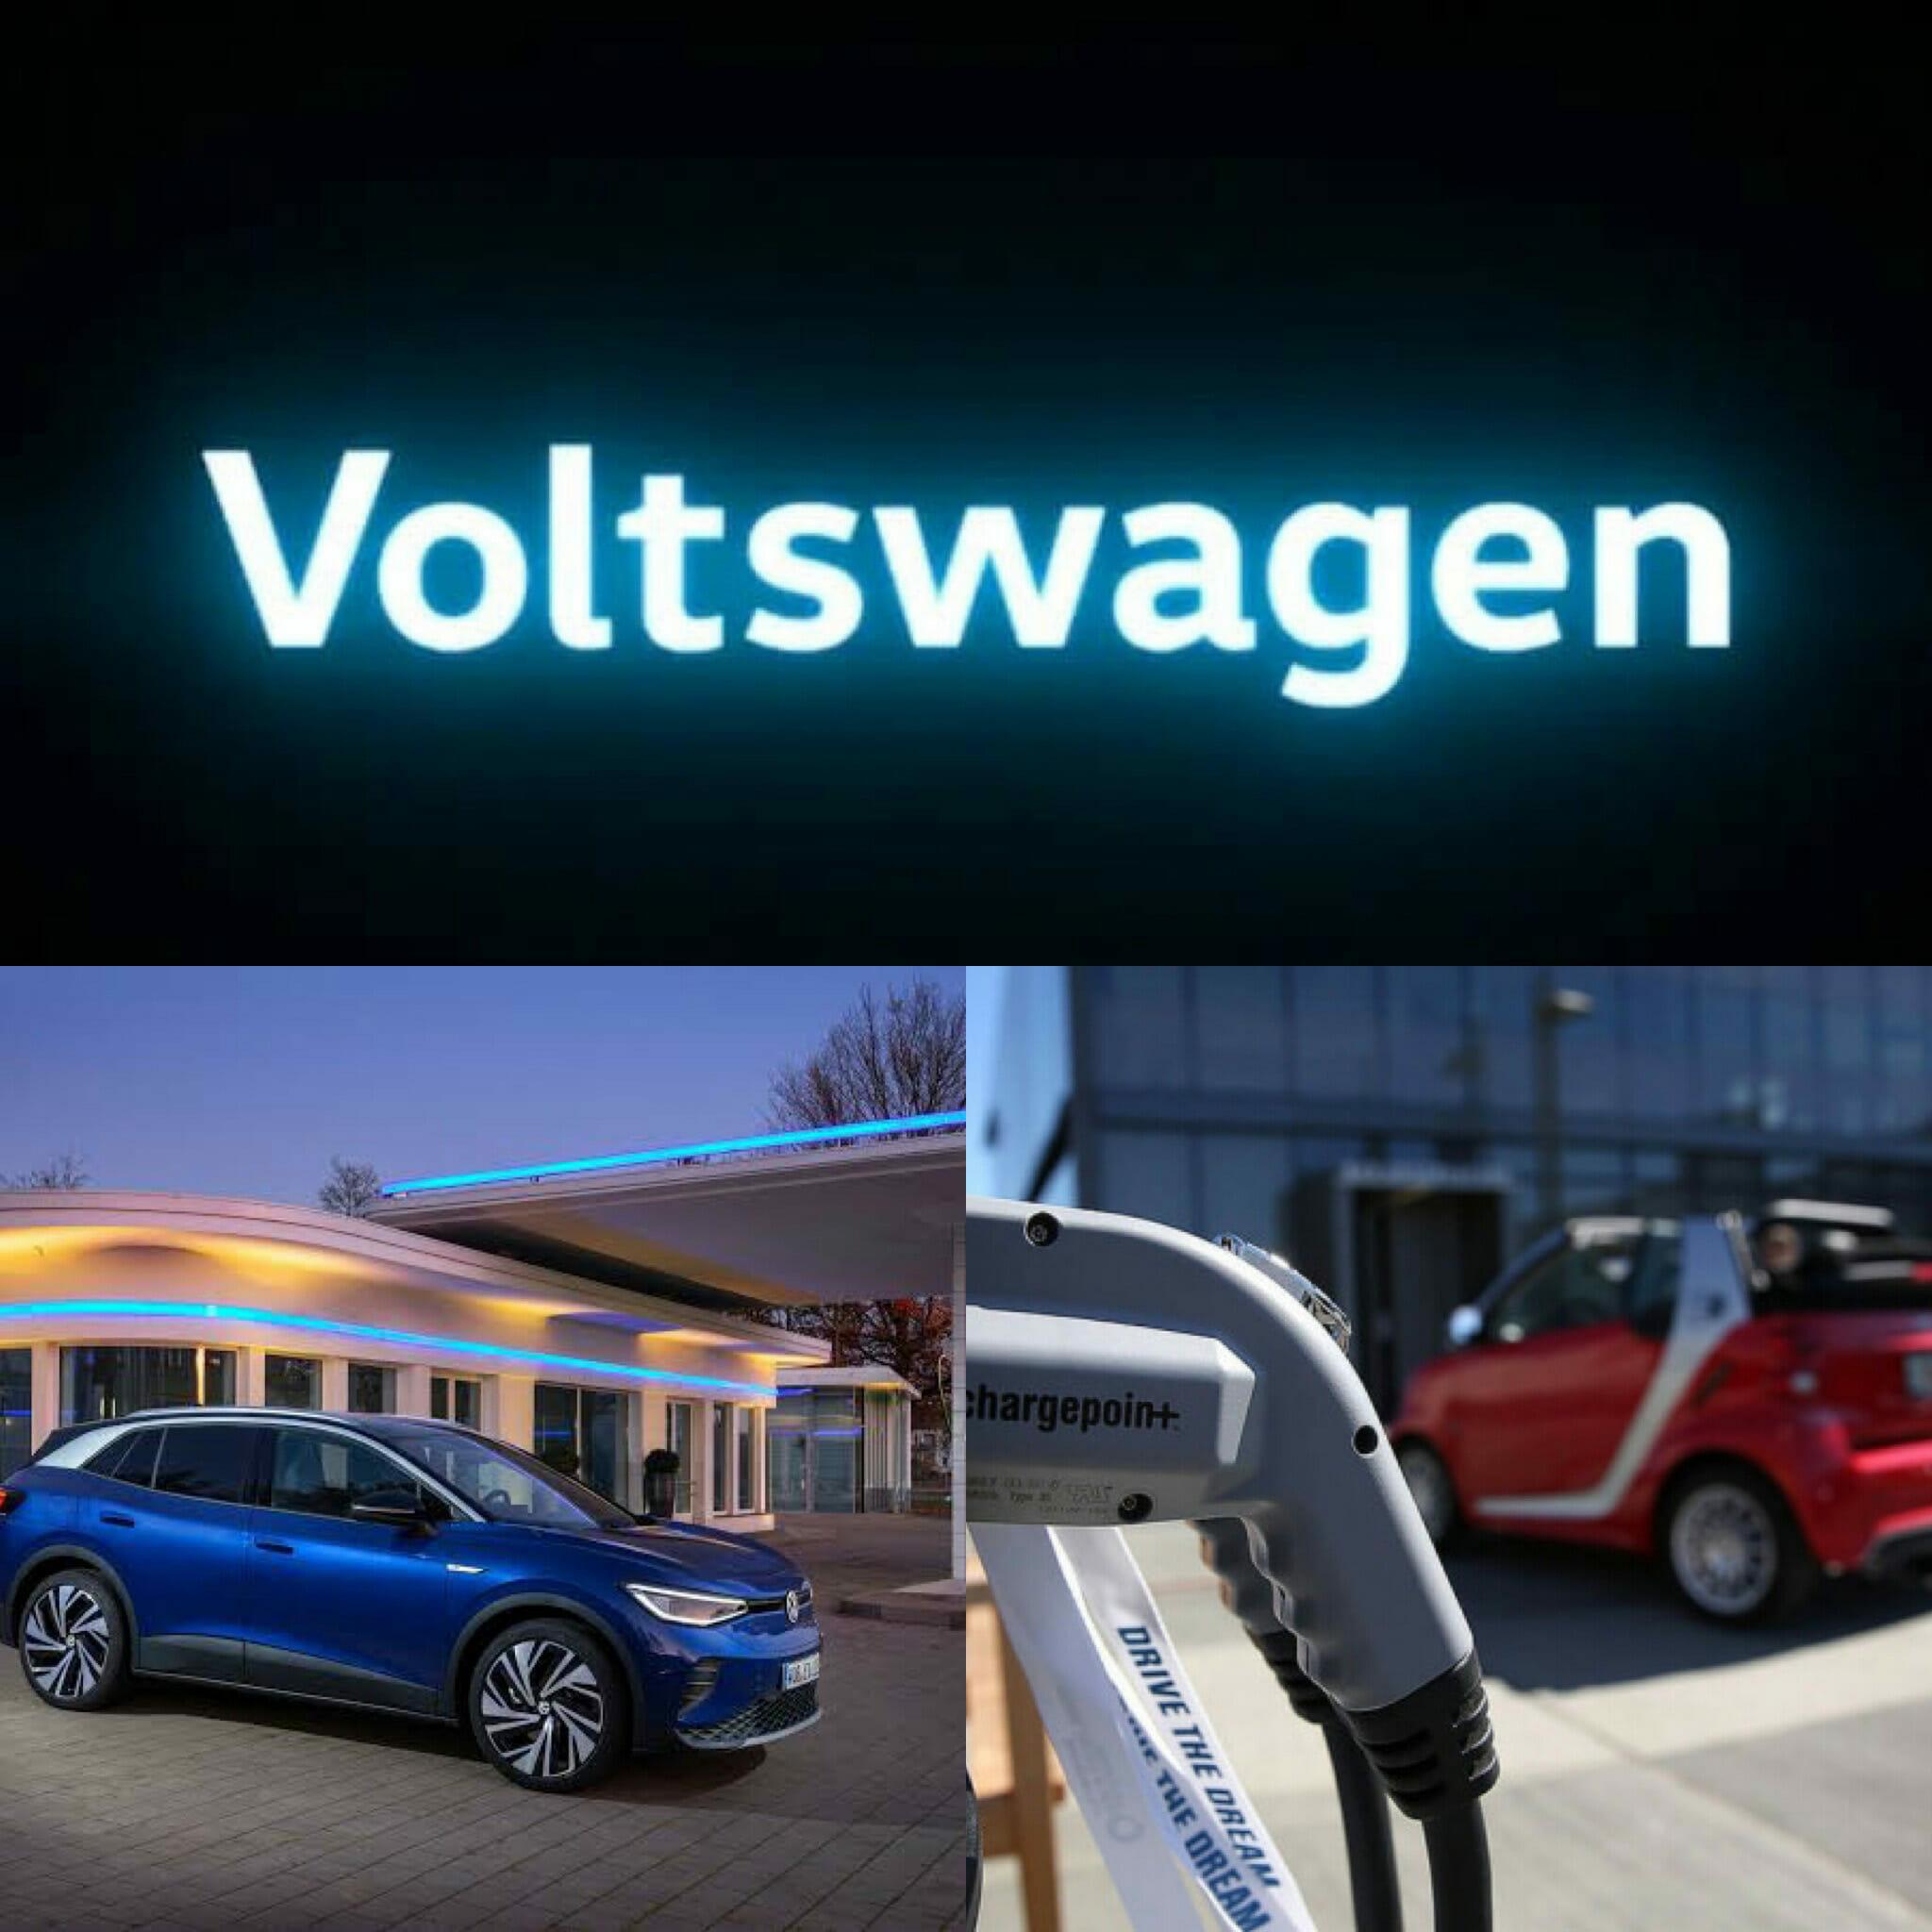 EV化に本気の「Voltswagen」